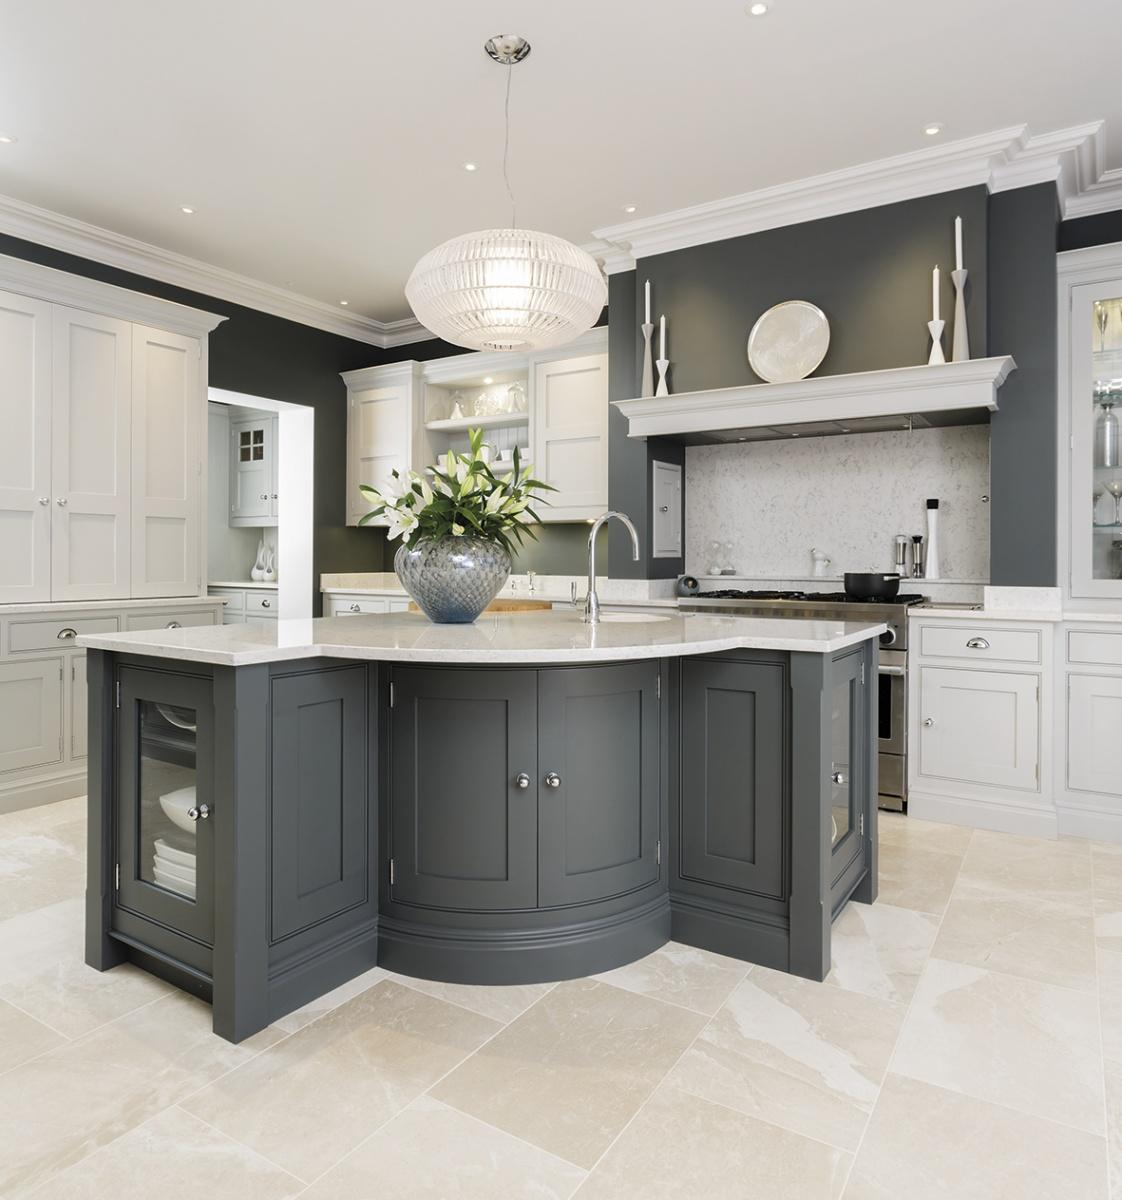 Bespoke Kitchens kitchen VOGXDNW